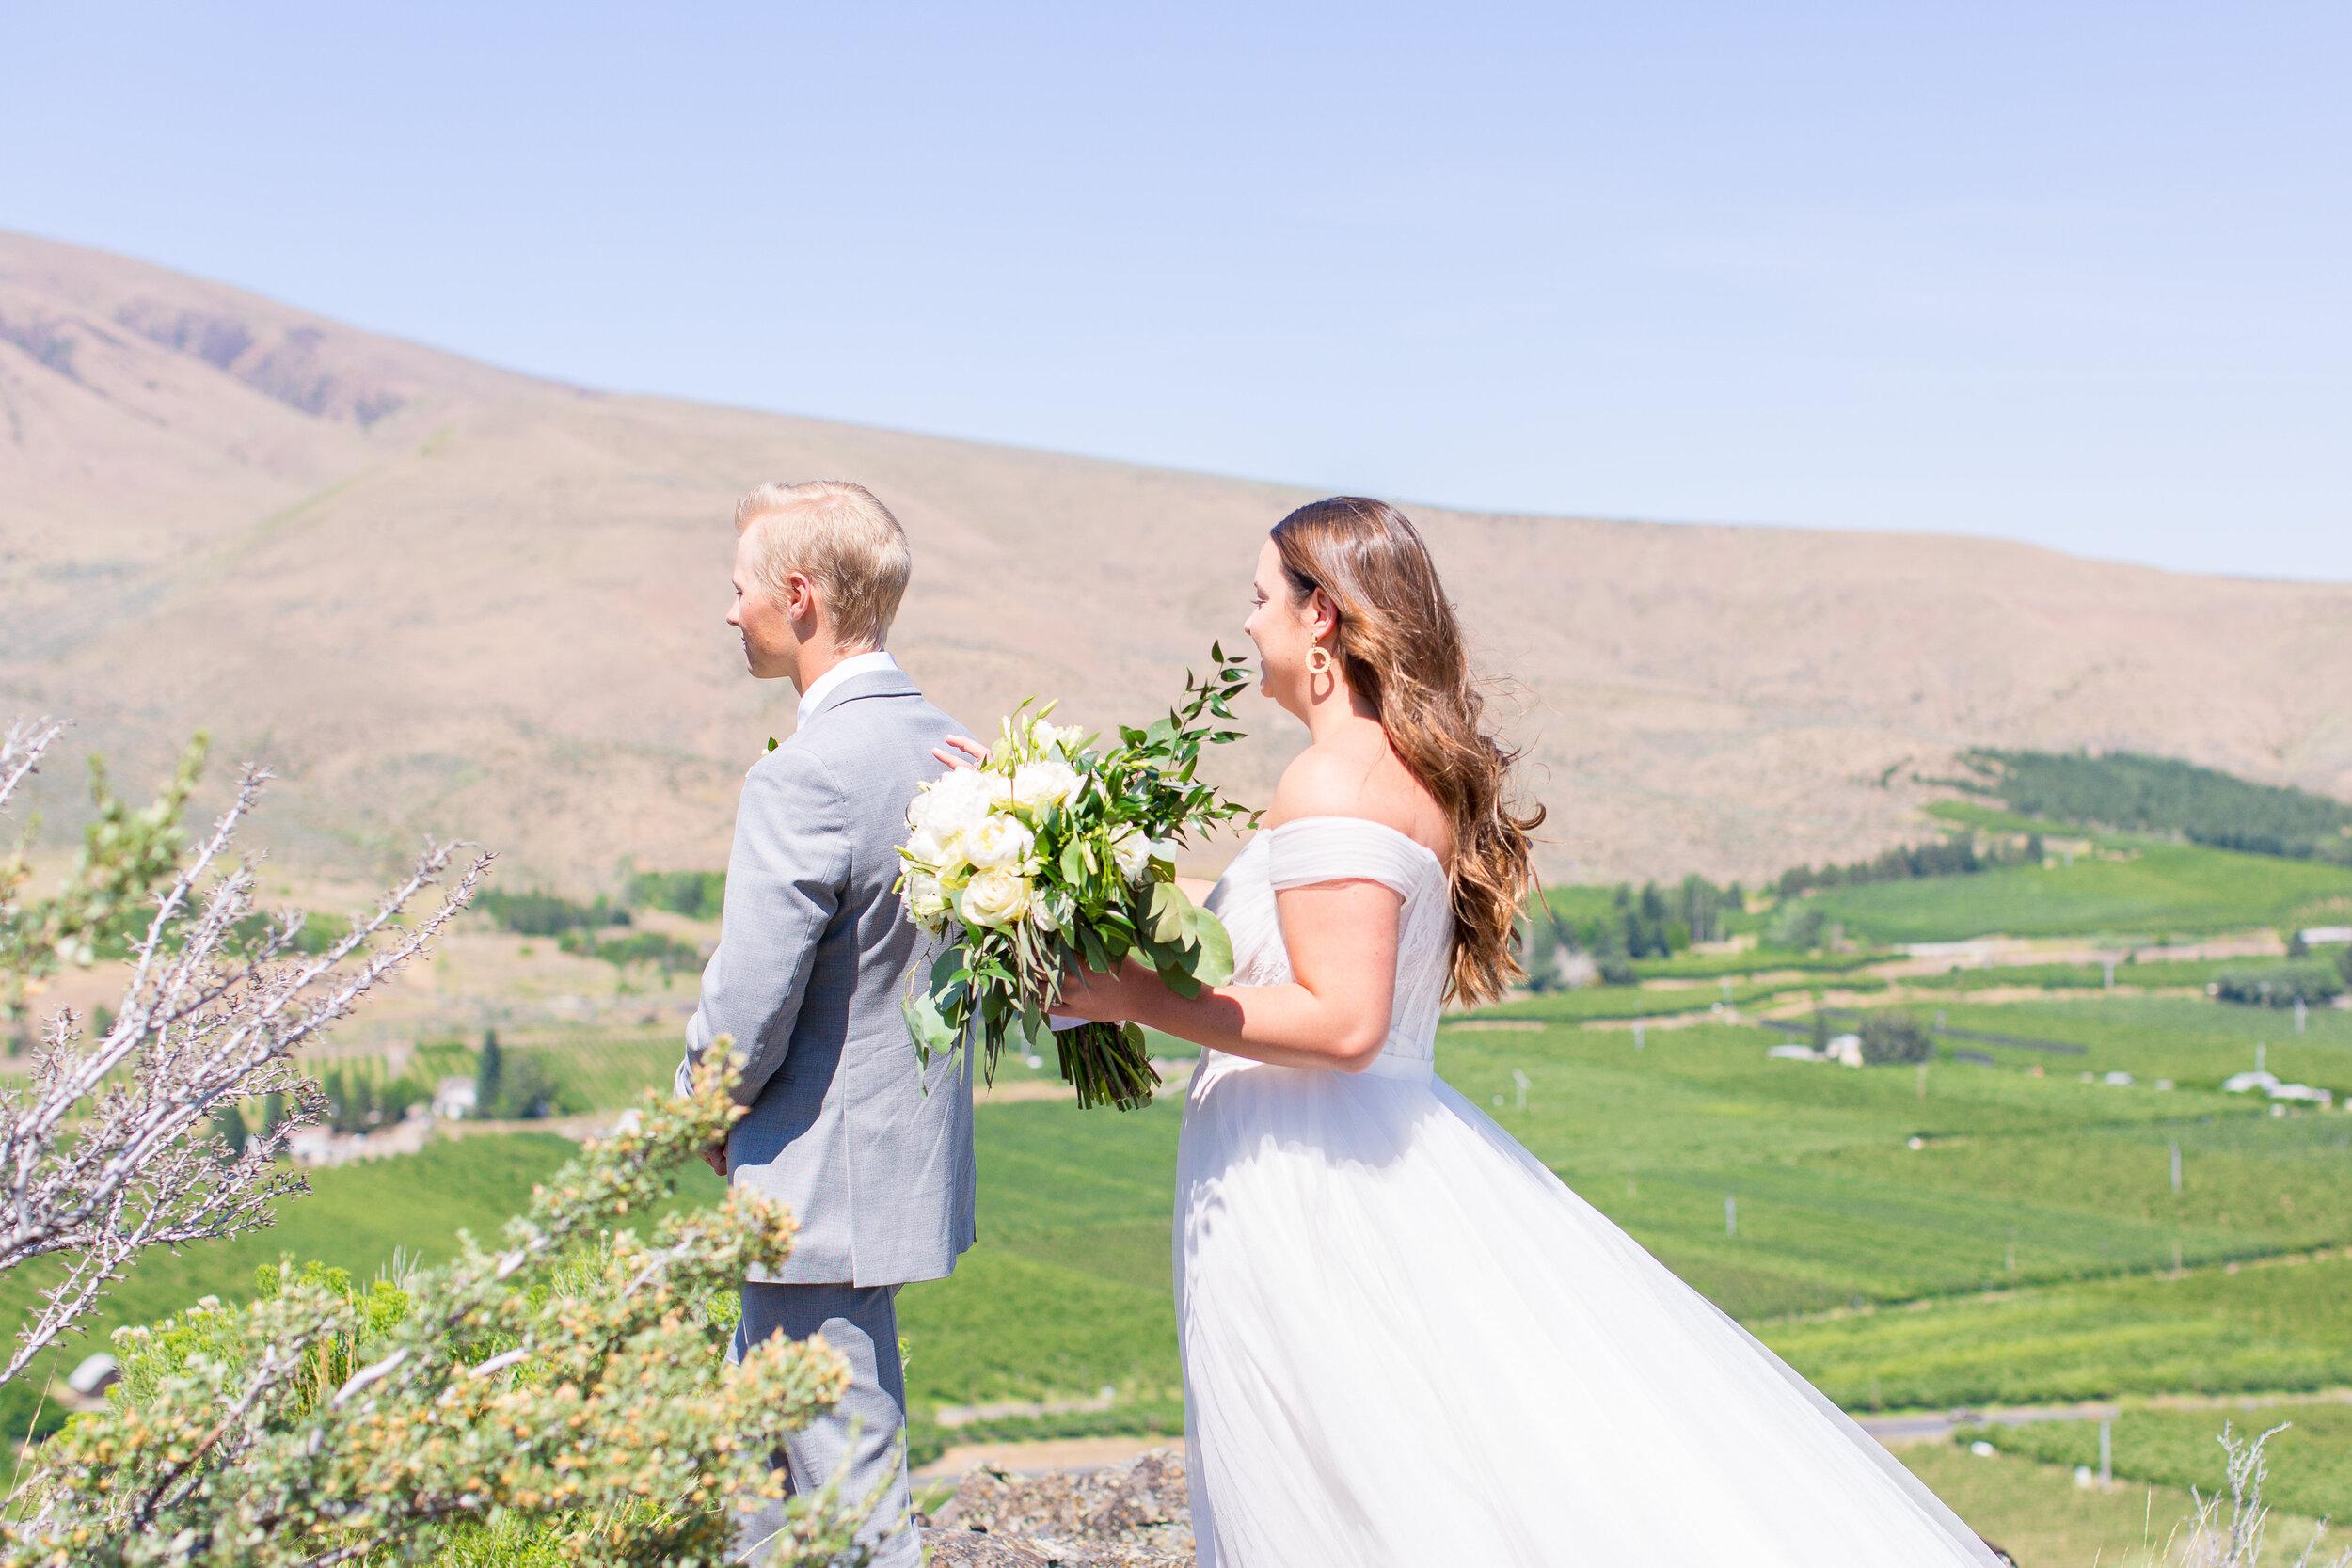 spokane bride and groom first look